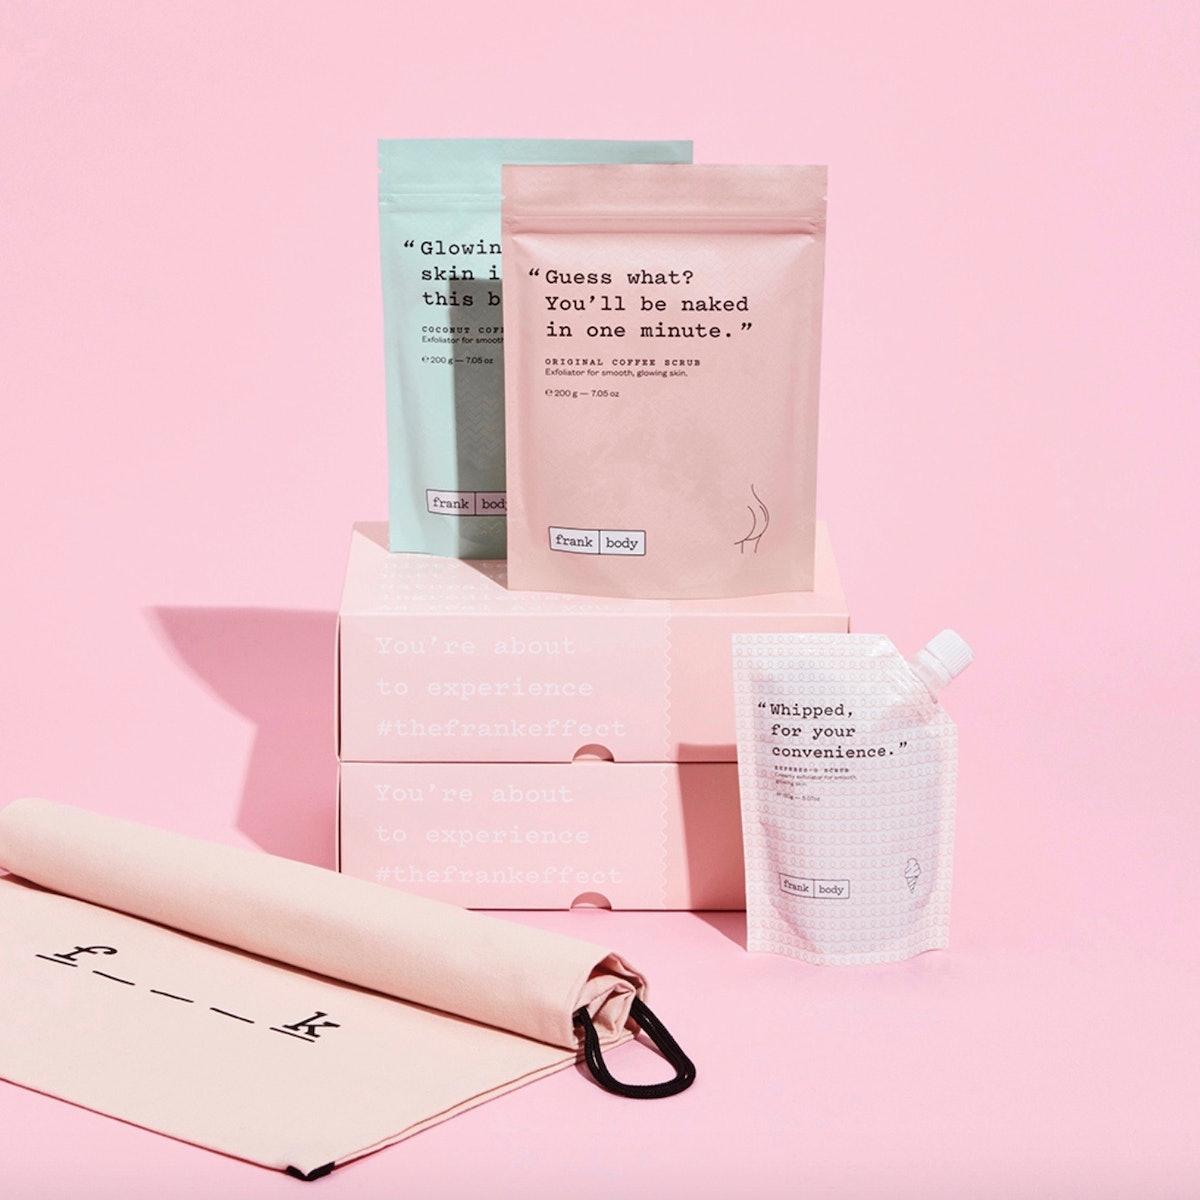 The Shower Scrubs Kit